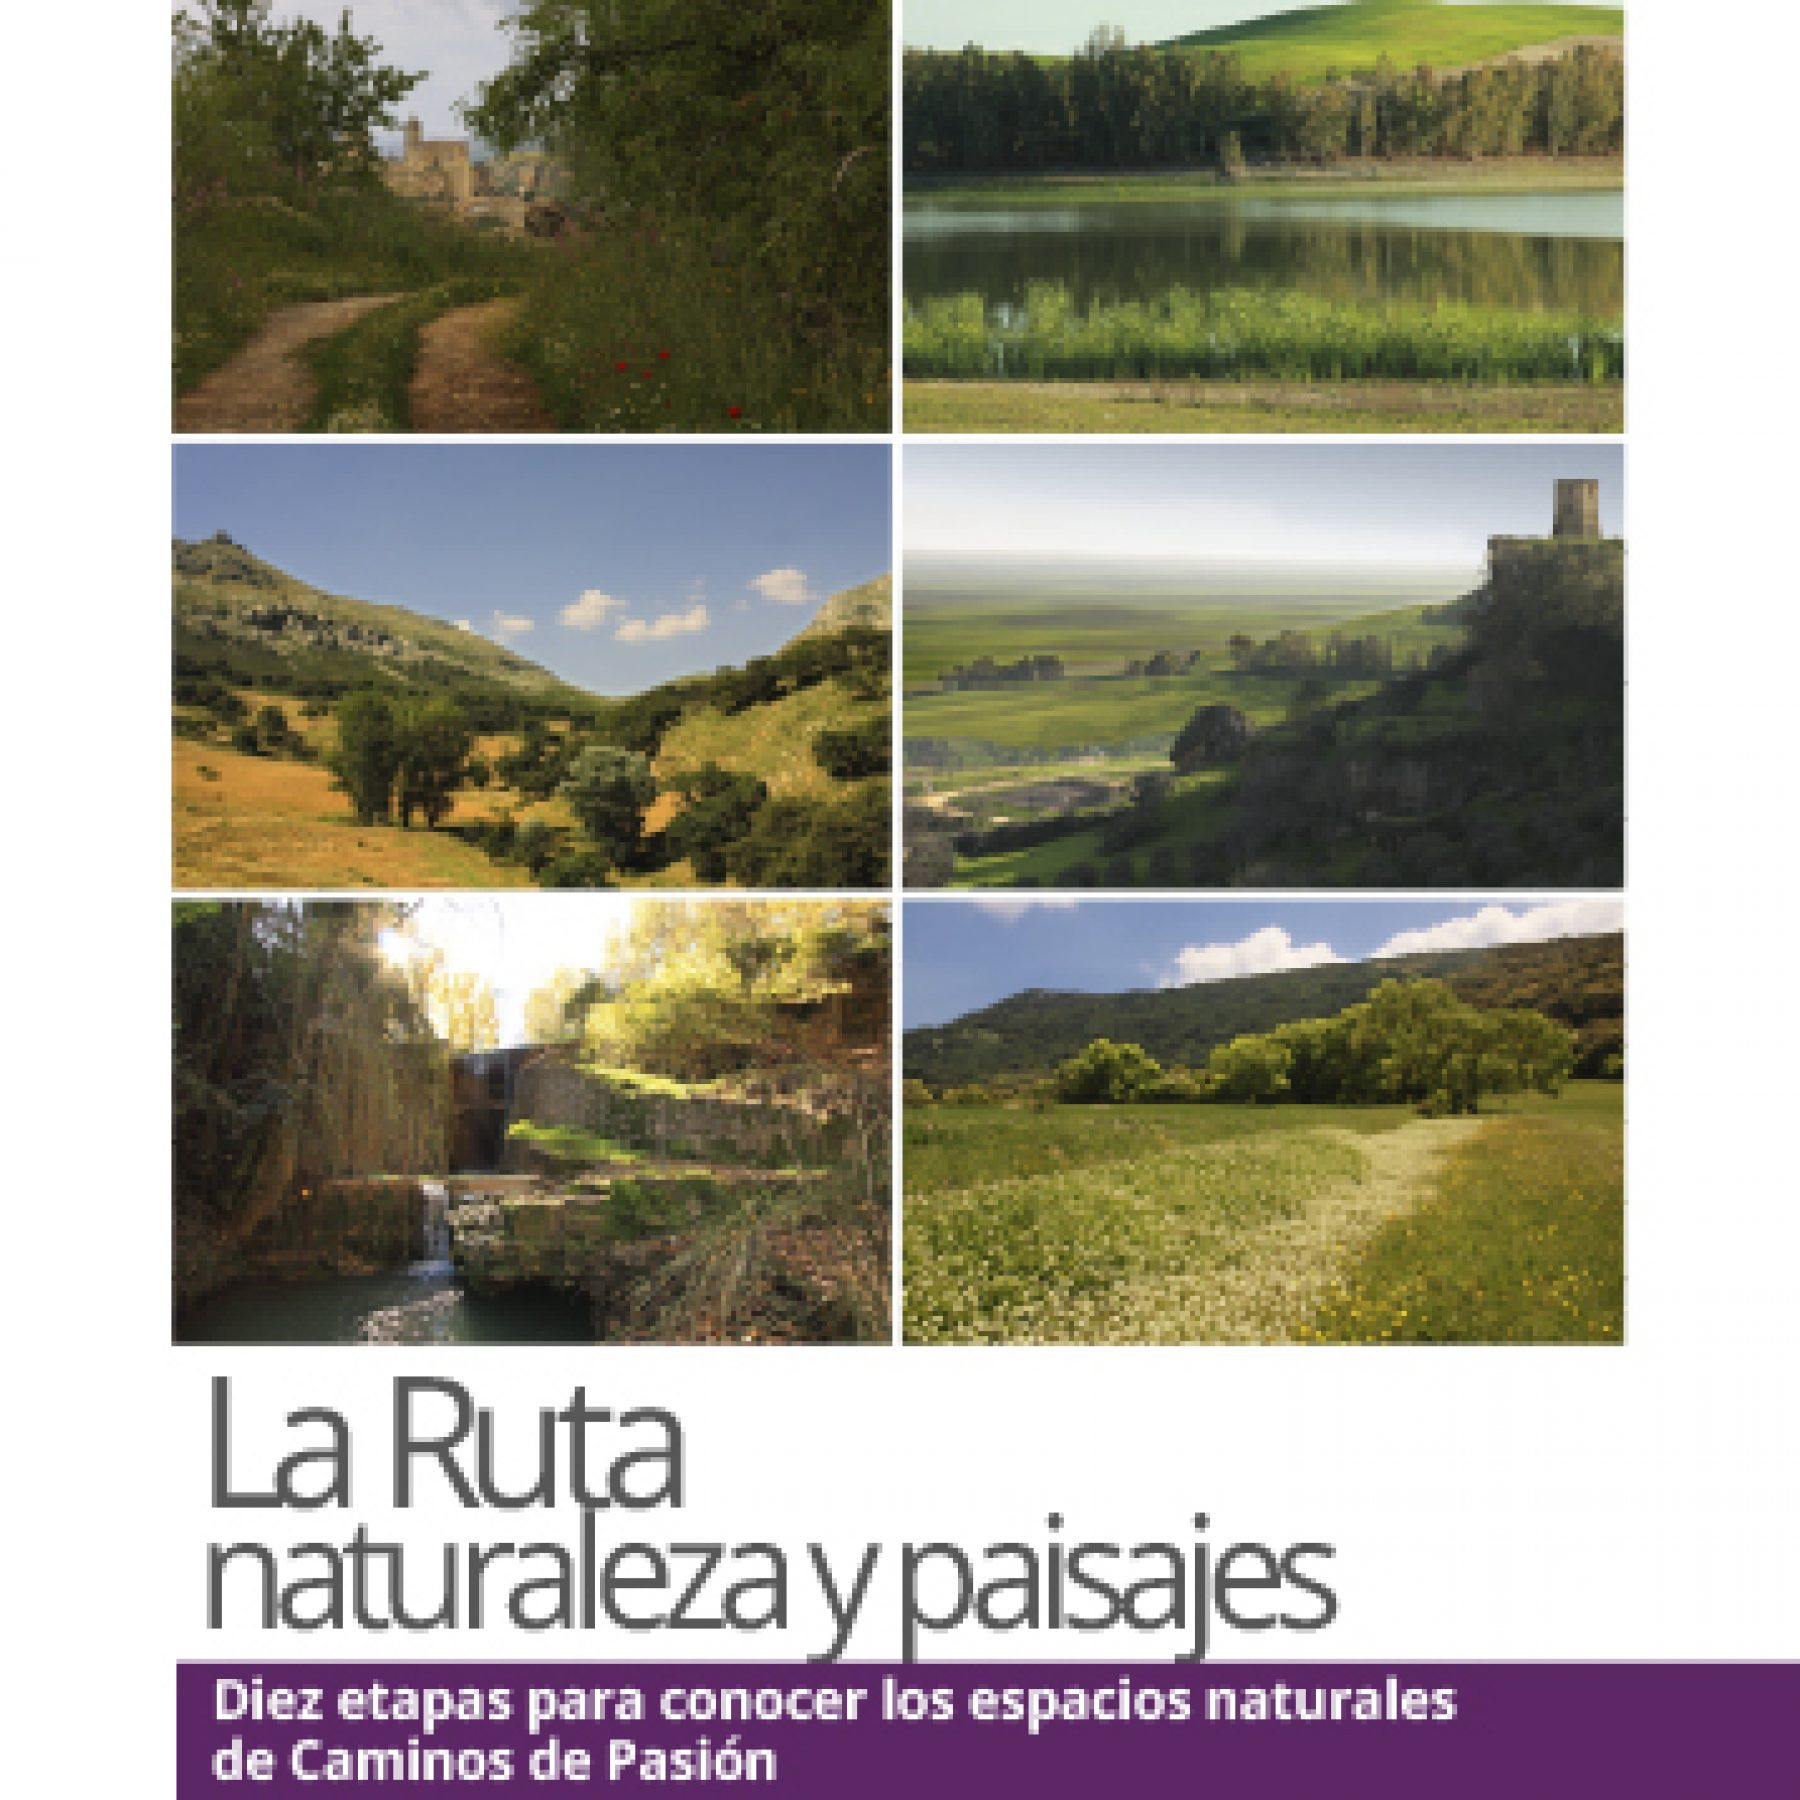 Guide topographique (uniquement disponible en espagnol)